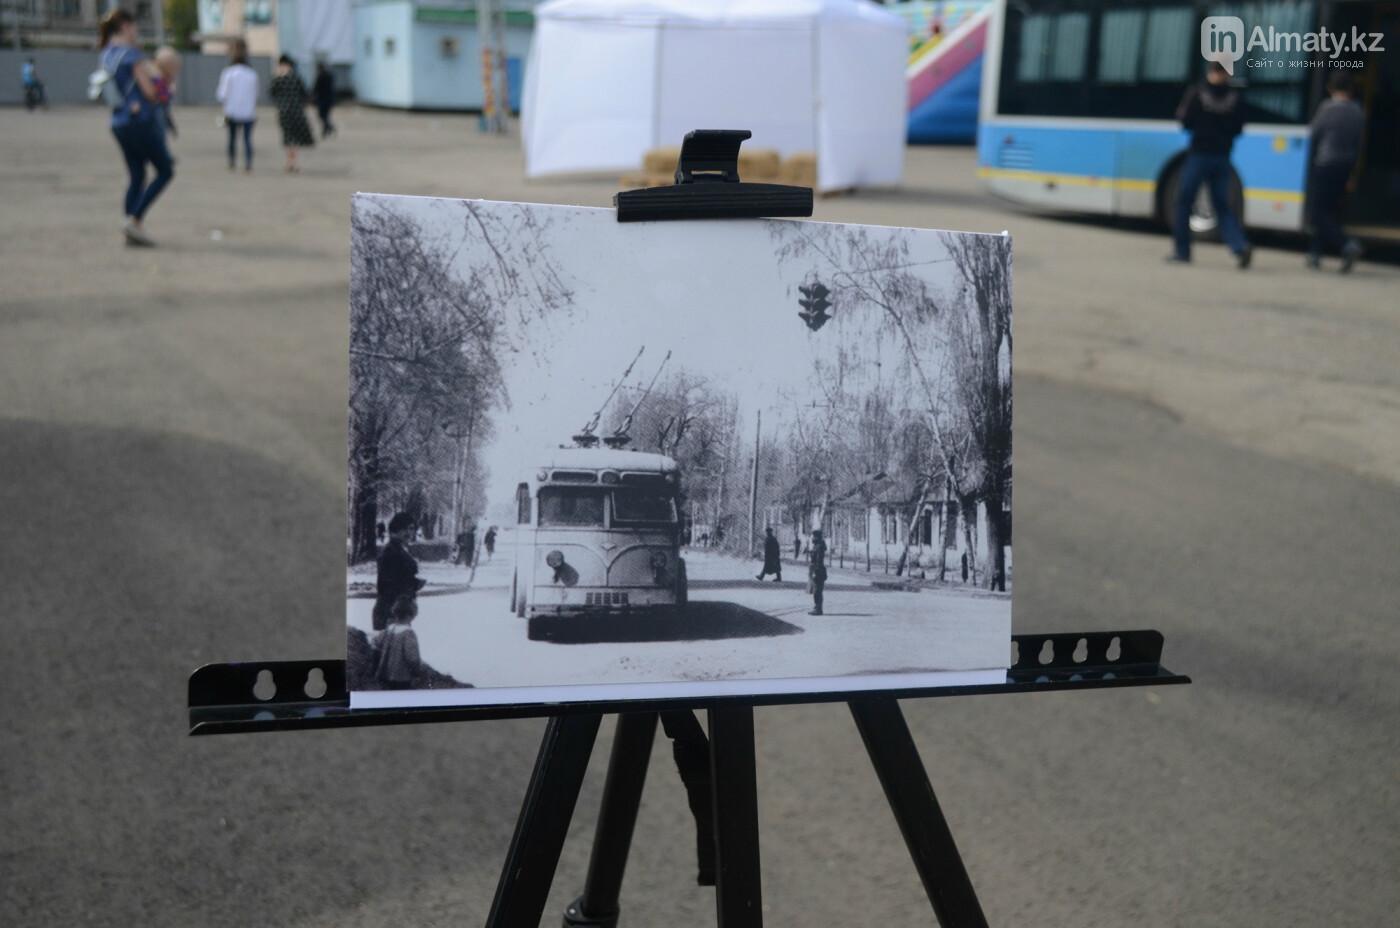 Юбилей троллейбуса отметили в Алматы (фото), фото-11